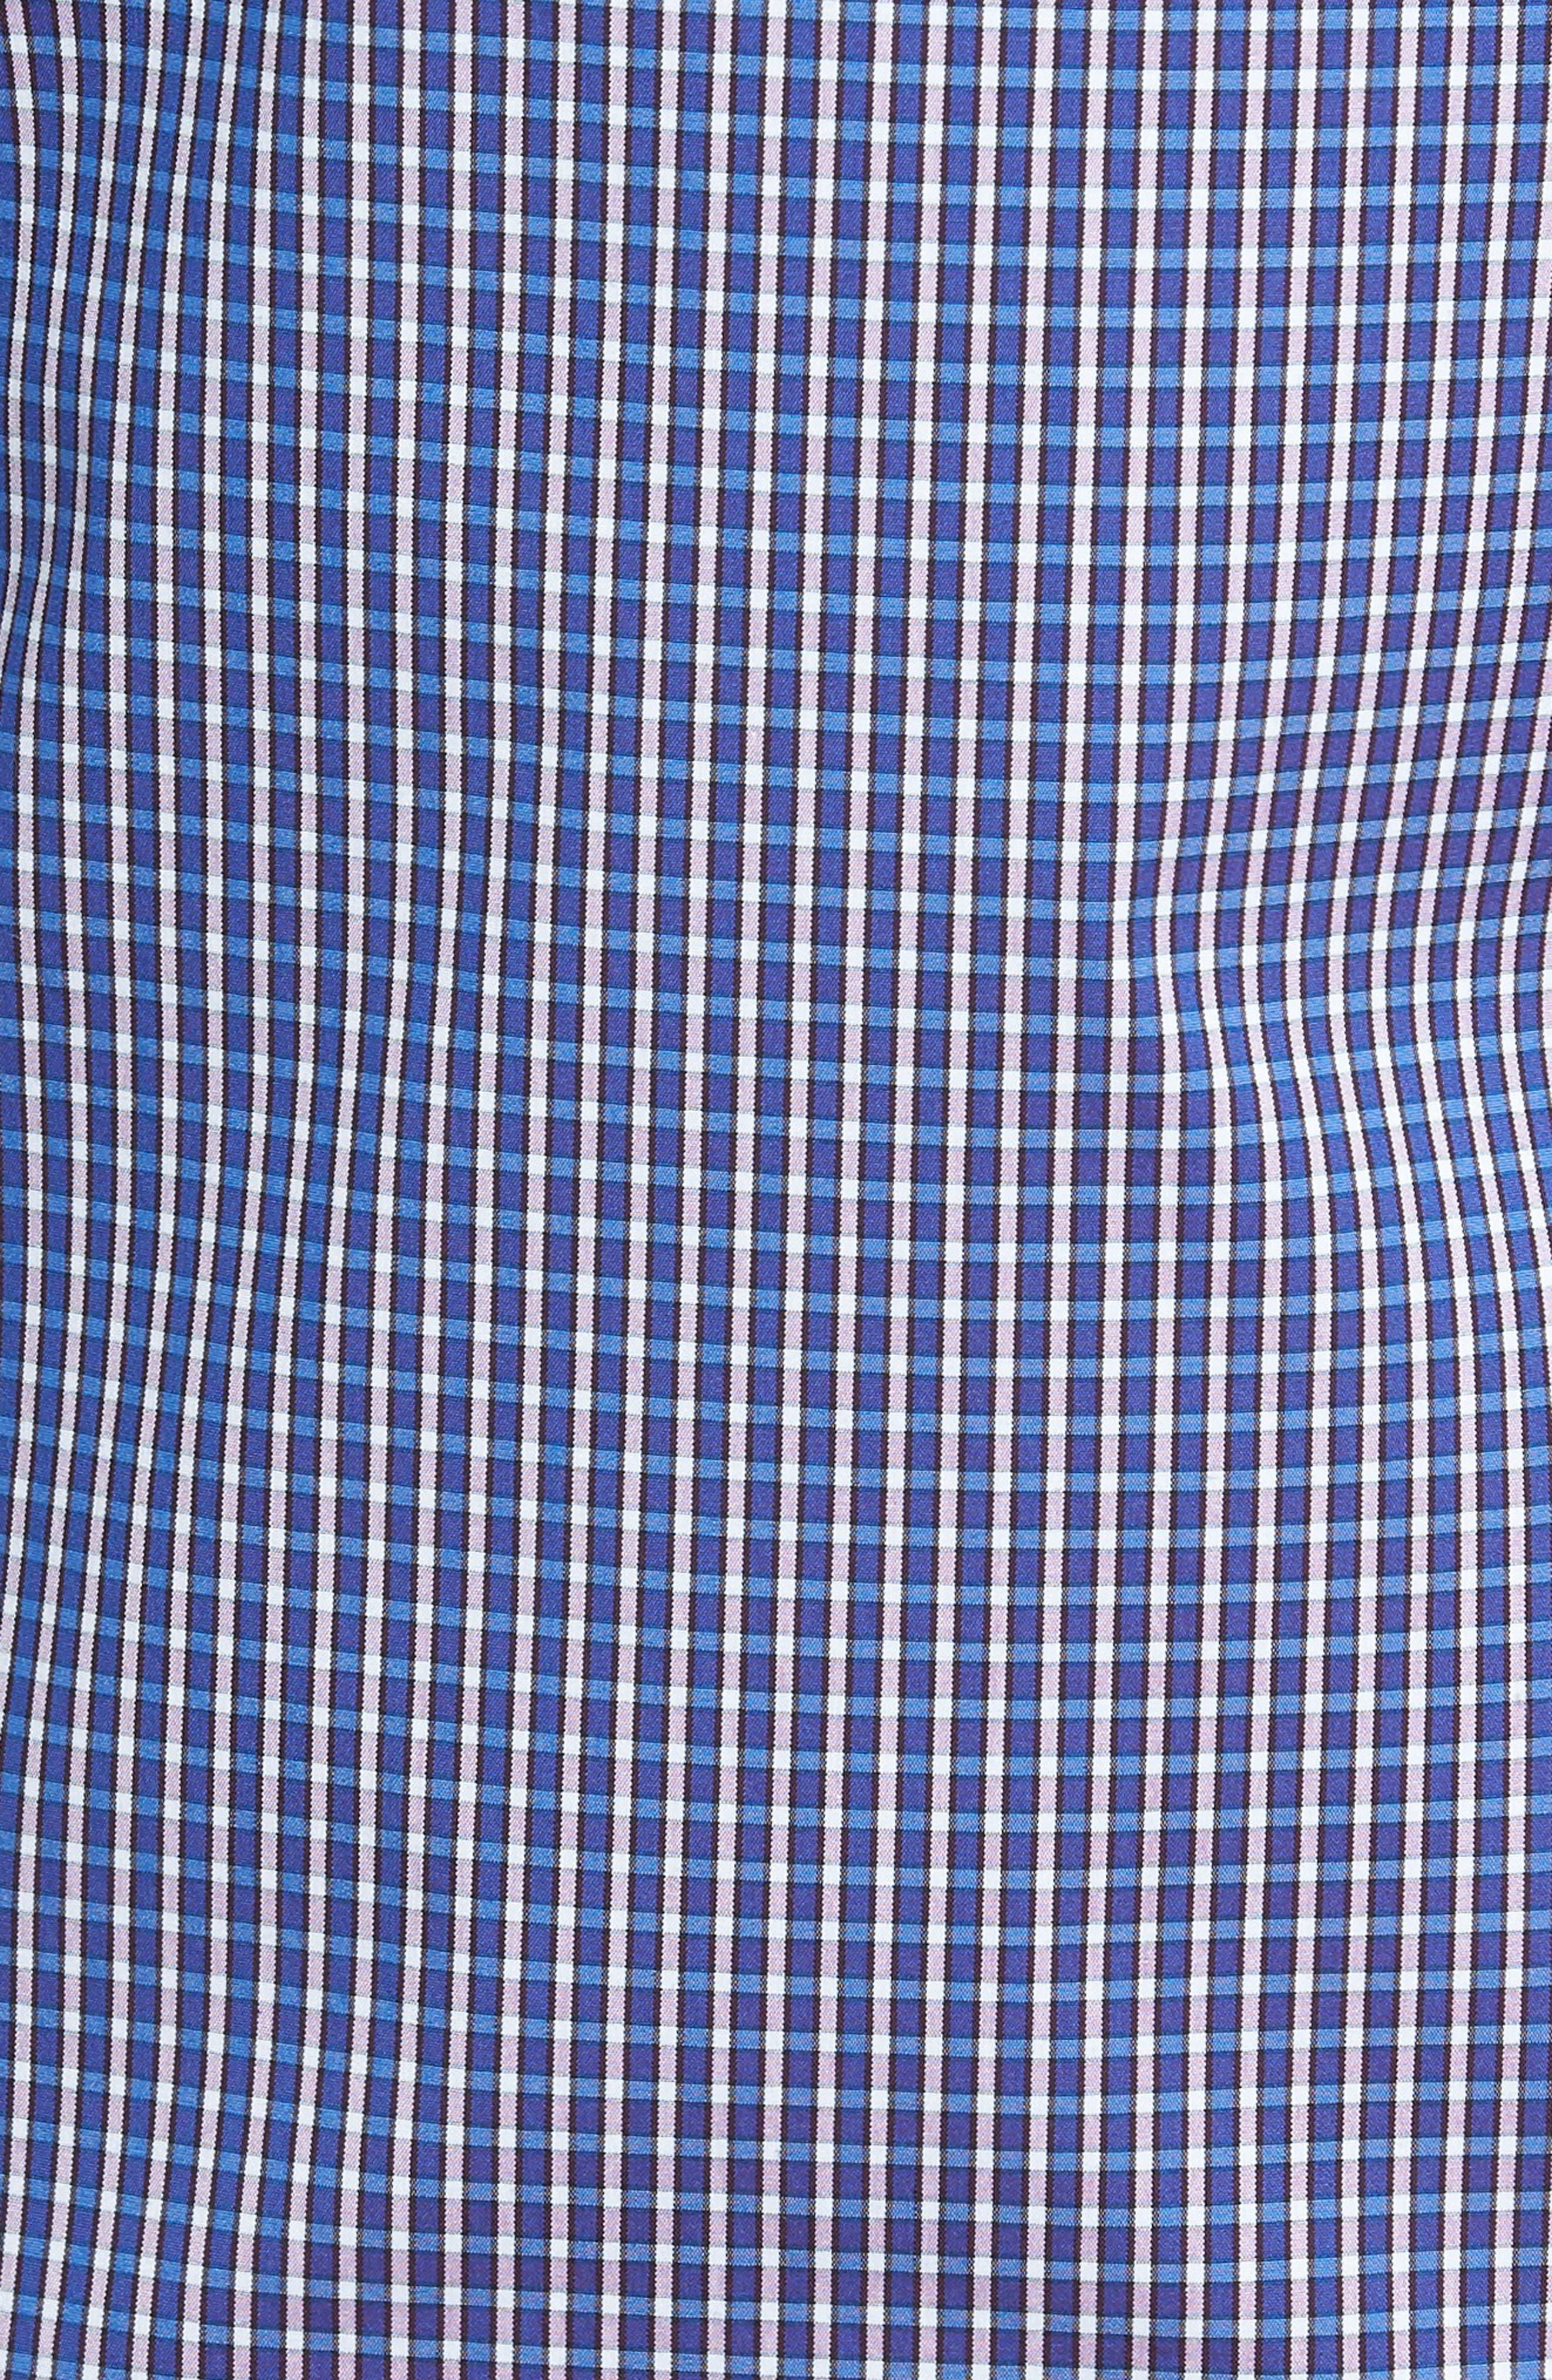 Tech-Smart Trim Fit Check Sport Shirt,                             Alternate thumbnail 5, color,                             501